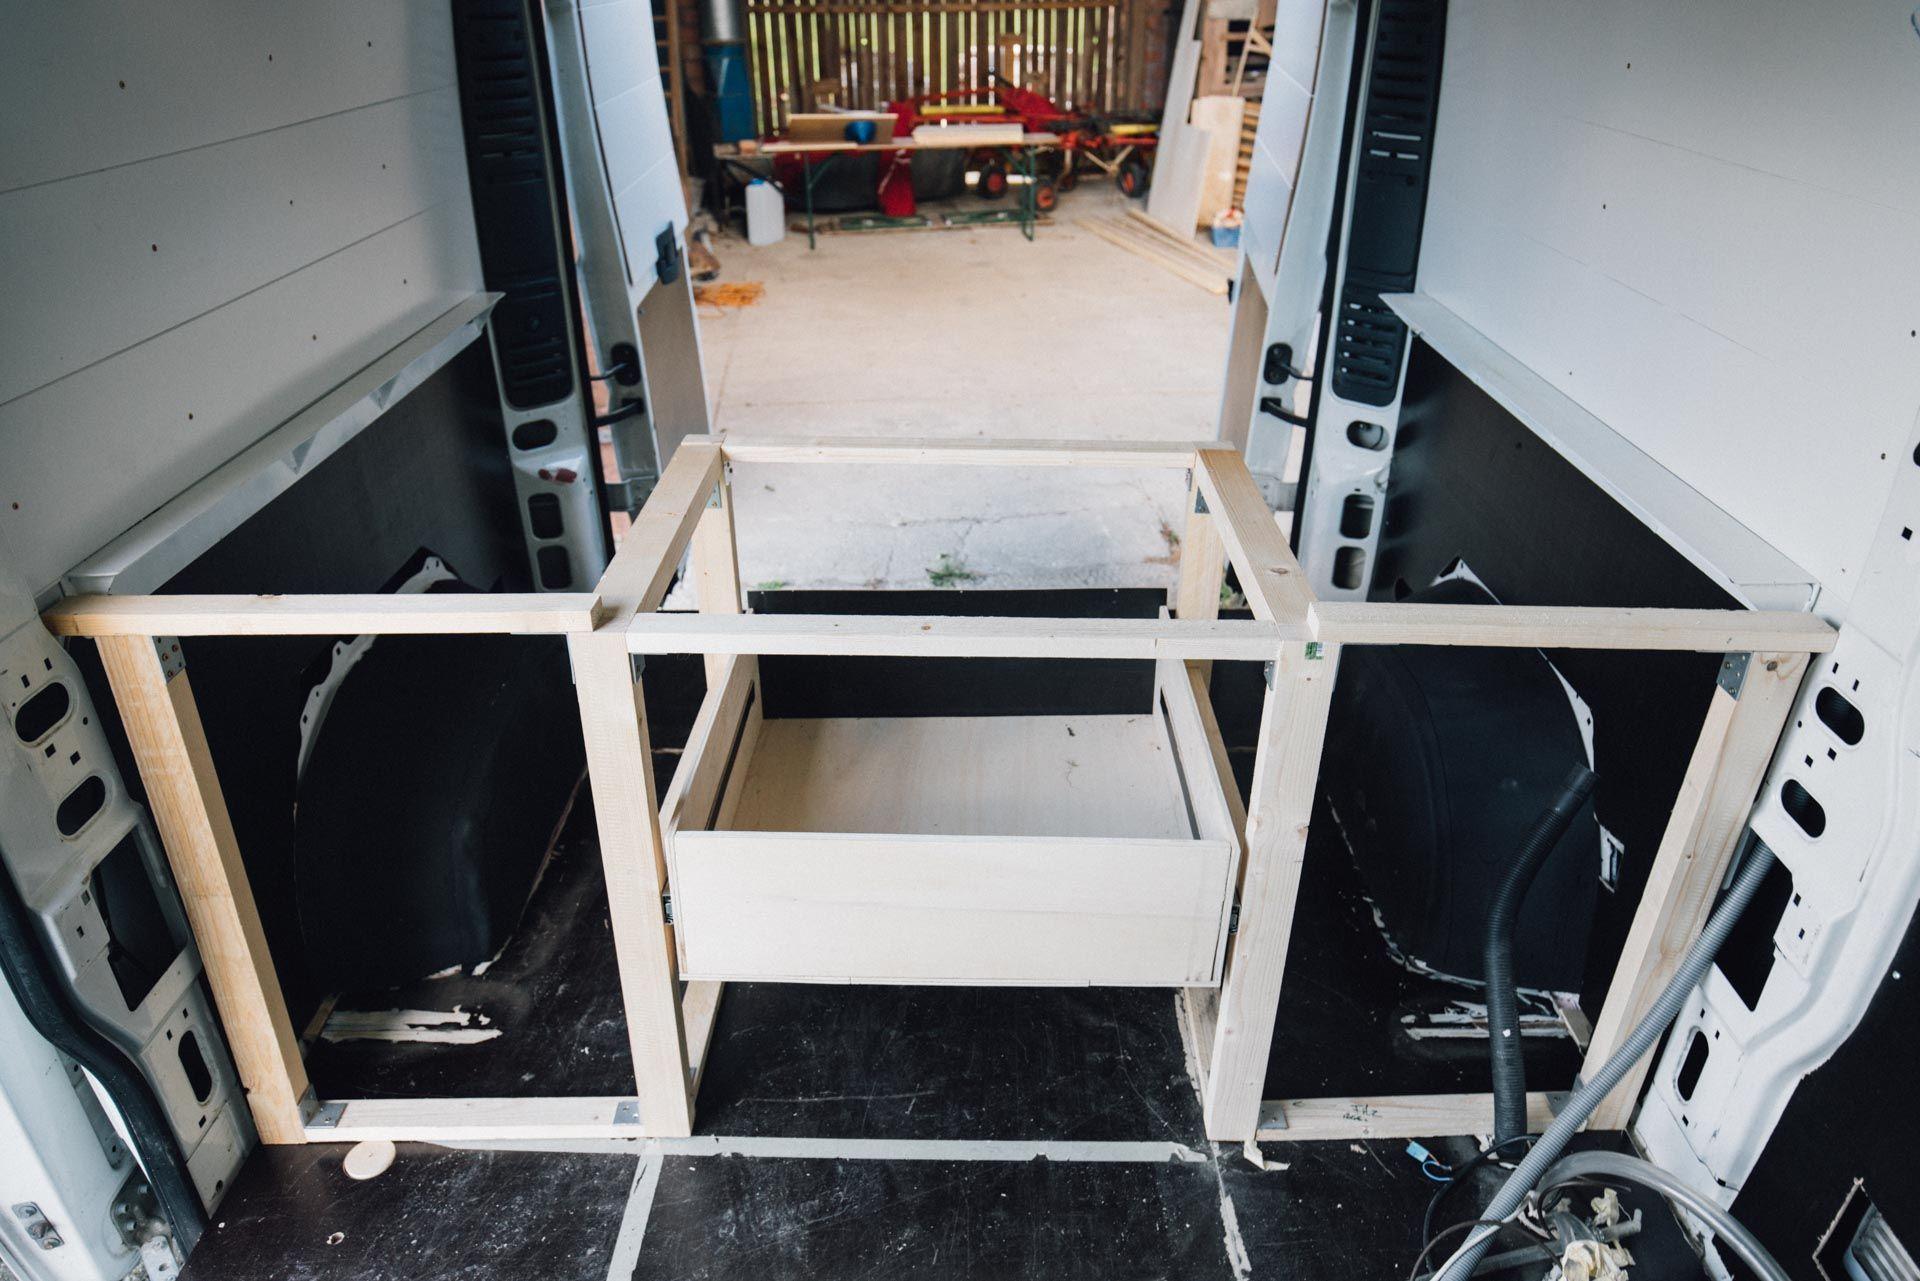 Bauanleitung Bett Im Wohnmobil O Kastenwagen Mein Camperausbau In 2020 Kastenwagen Wohnmobil Wohnmobil Ausbauen